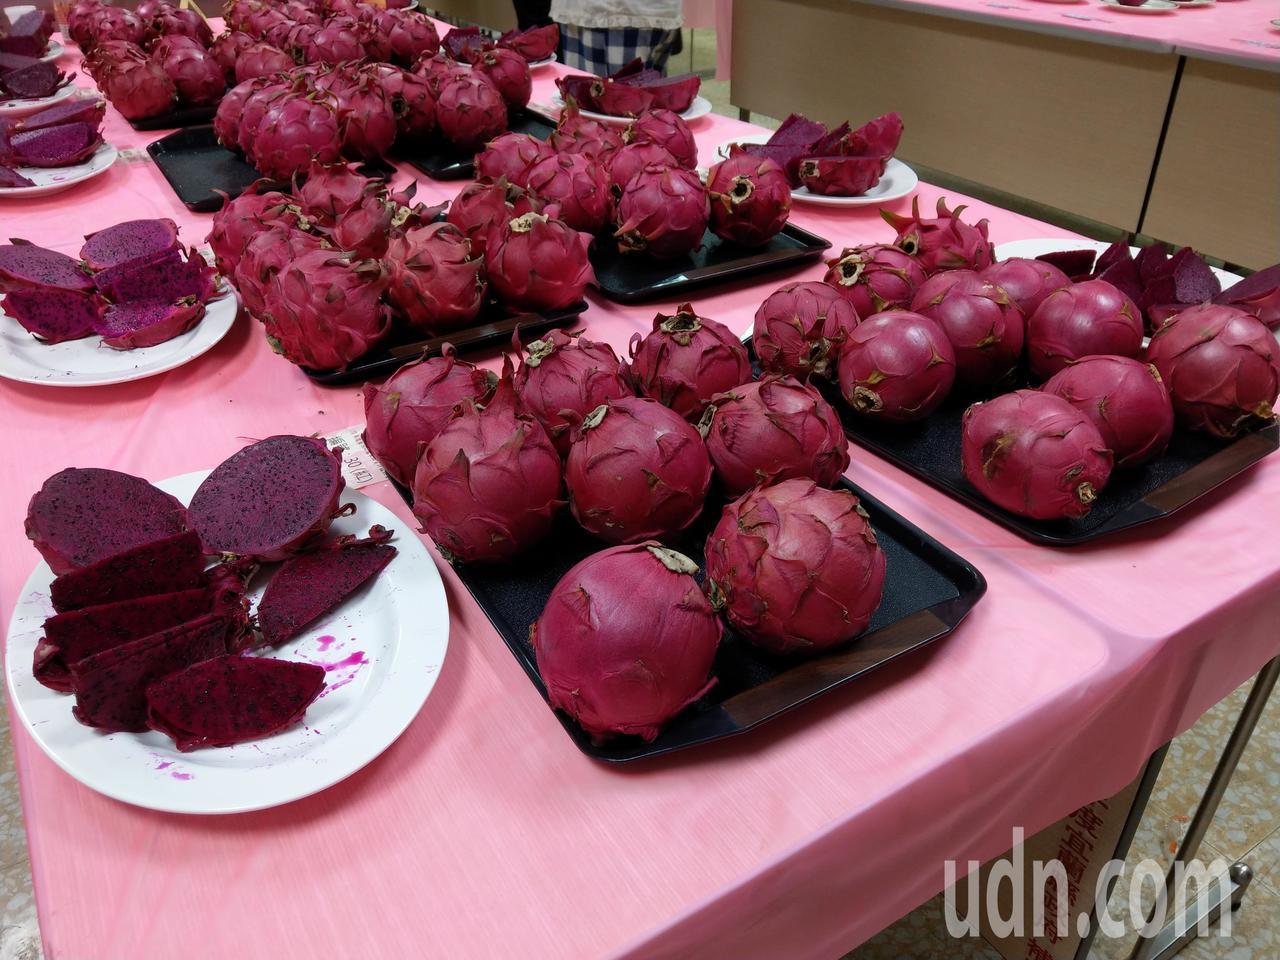 宜蘭舉辦紅龍果評鑑比賽,今年品質比去年好甜度更高,感受不到市場跌價的氣氛。 記者...